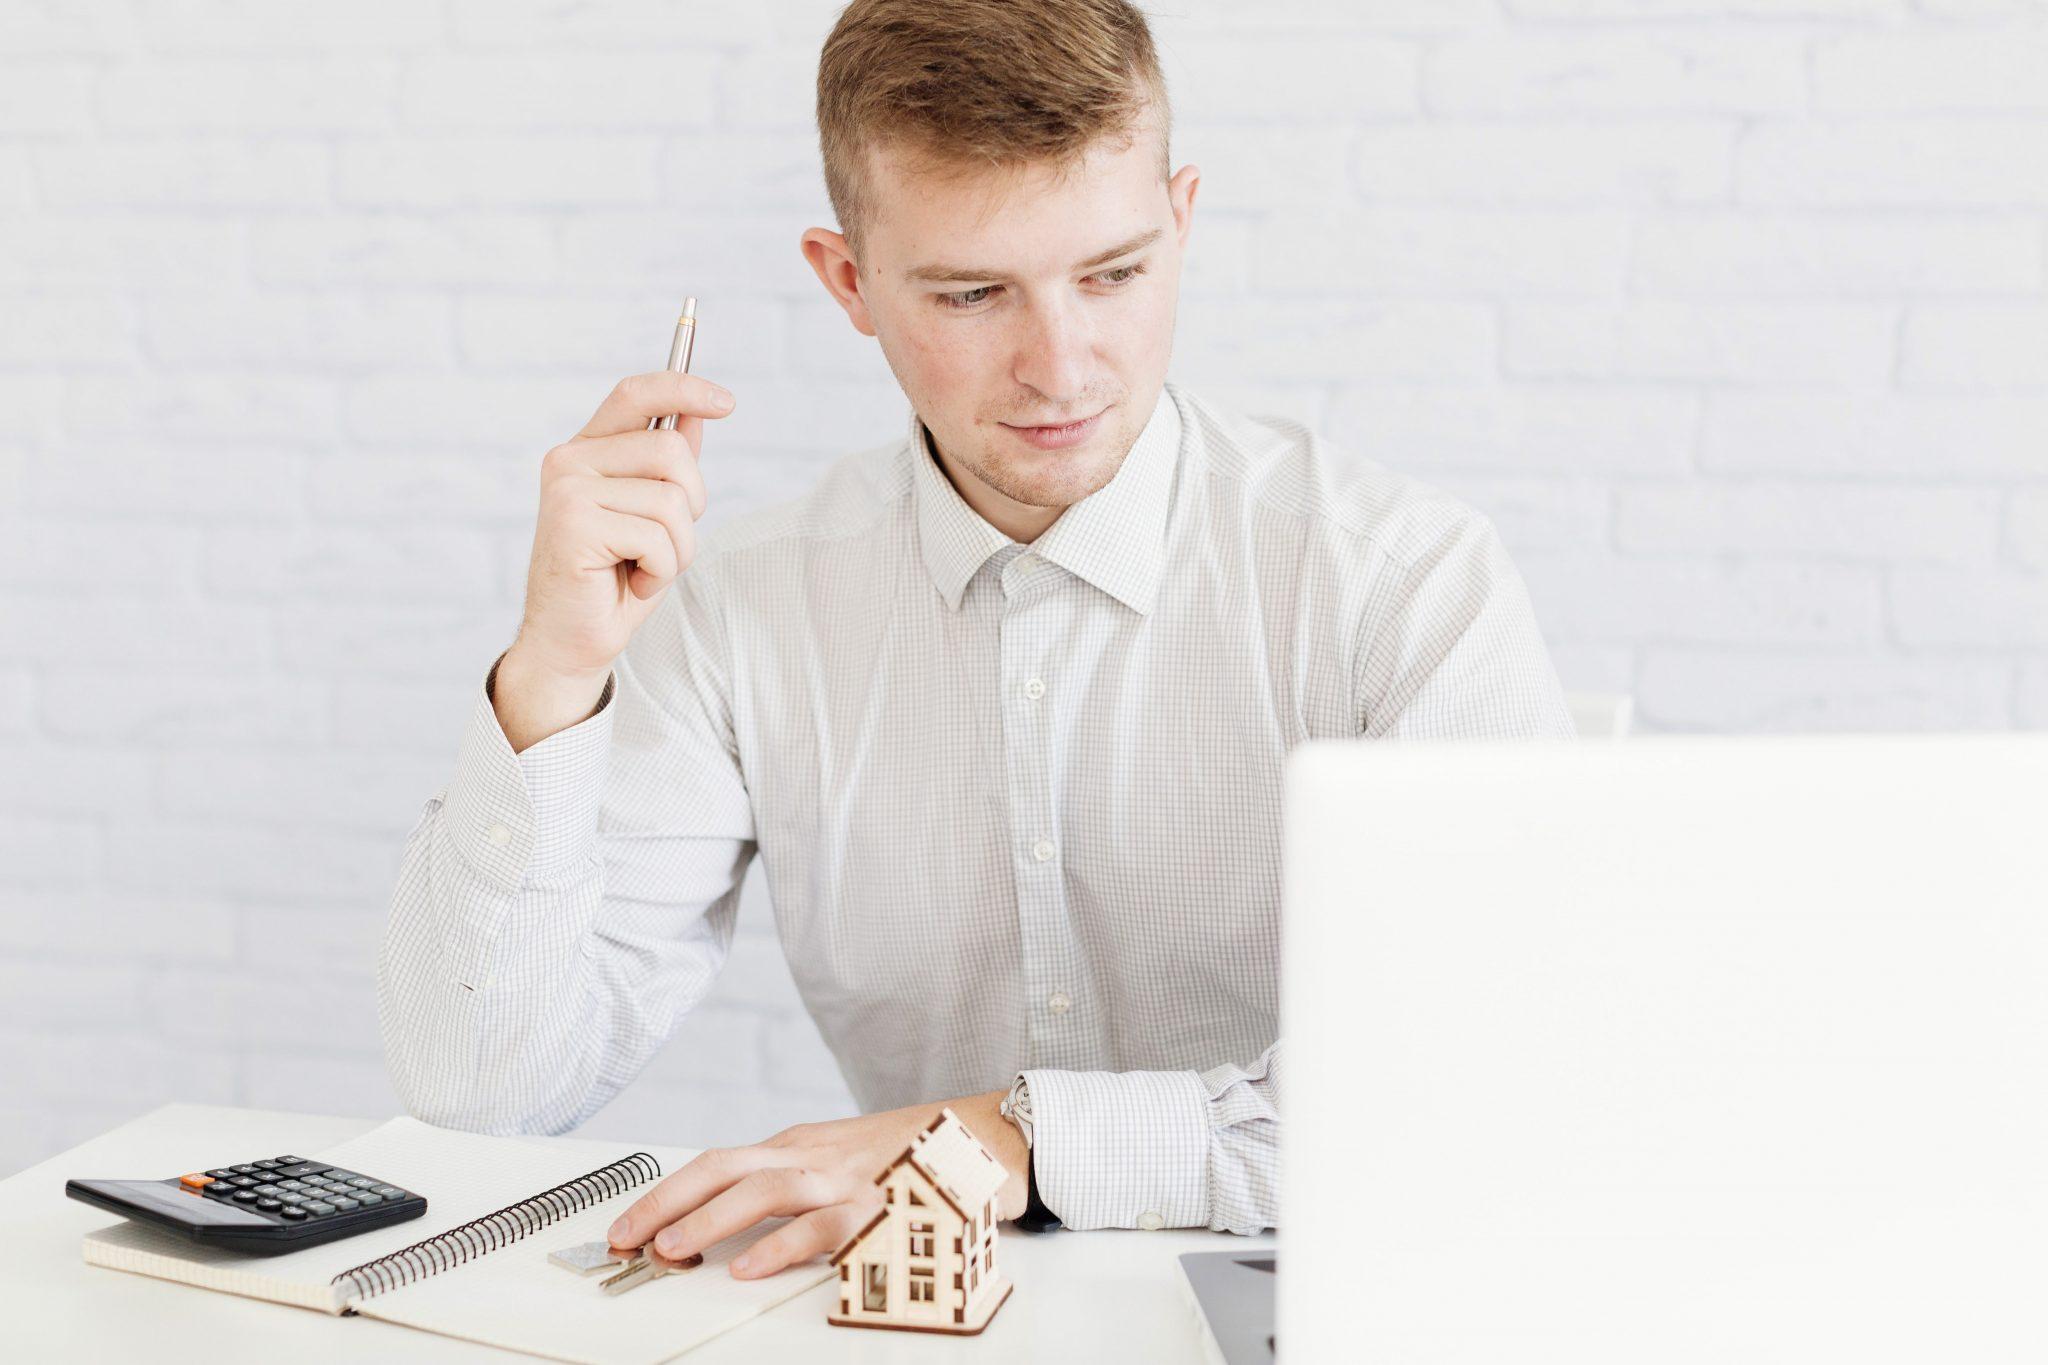 6 mandamentos para corretores de imóveis iniciantes